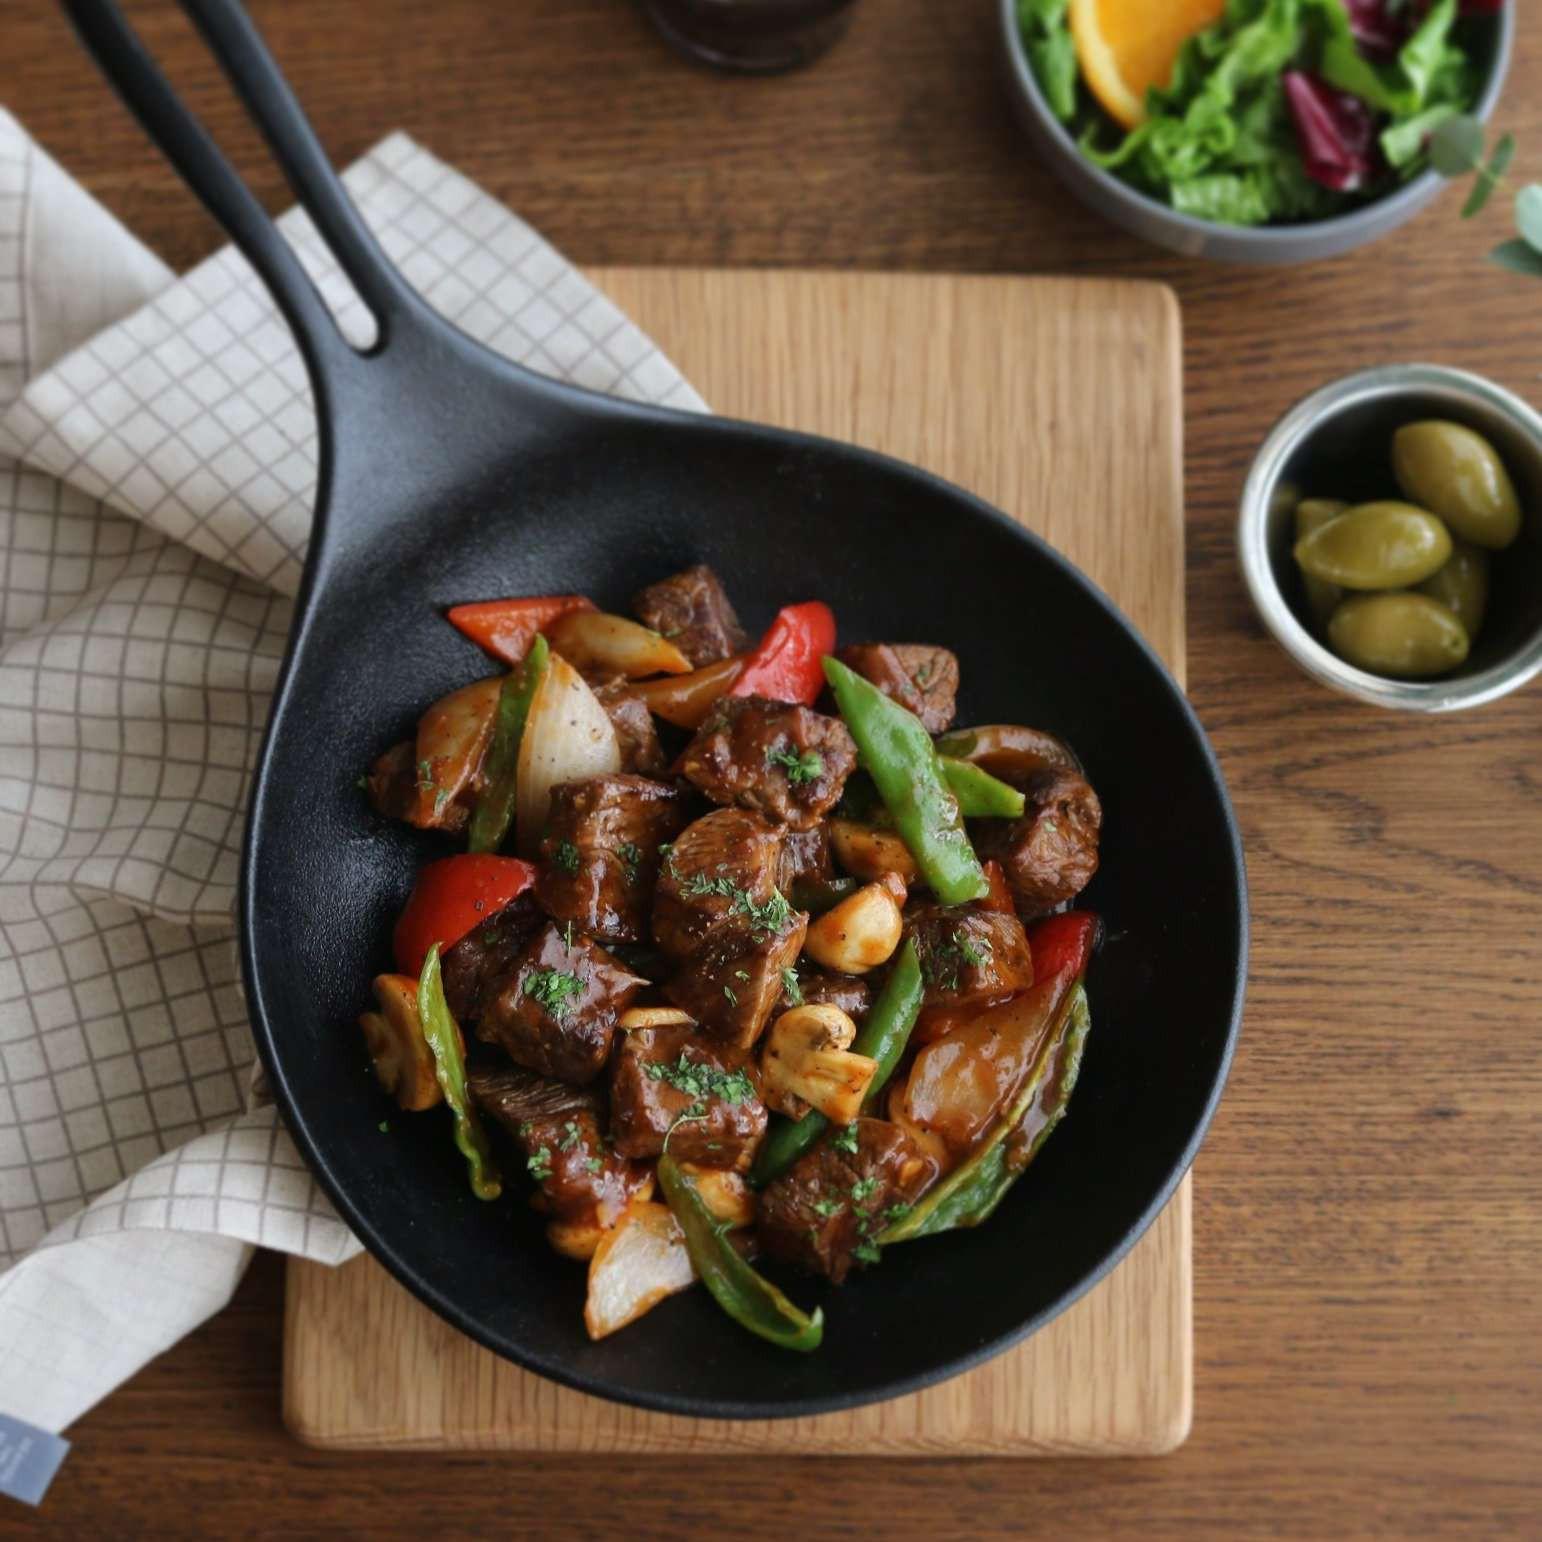 Để có món bò xào mềm ngon, bạn nhất định phải thử công thức này - Ảnh 6